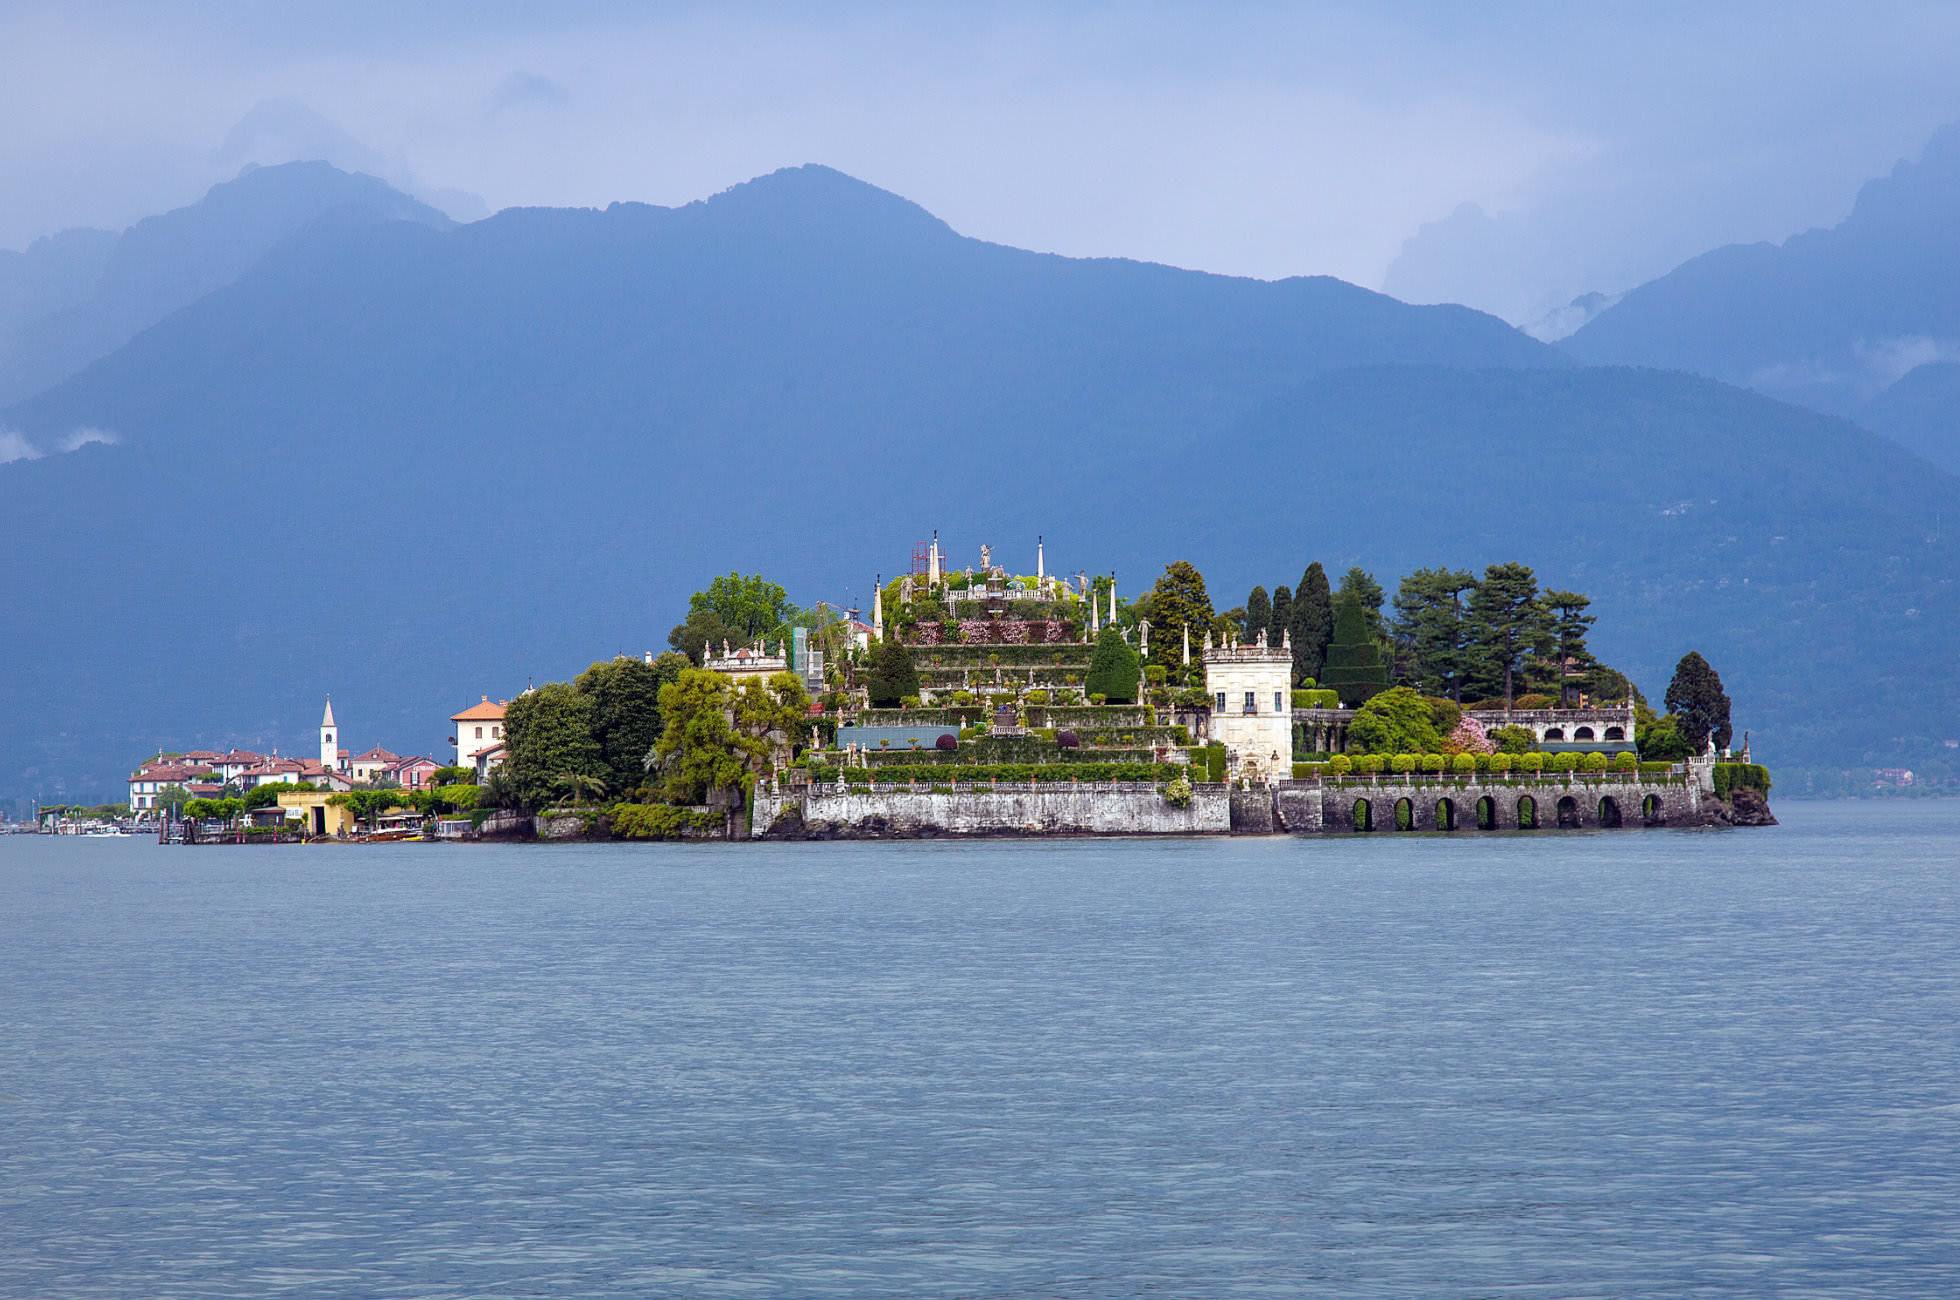 Isola Bella im Maggiore See